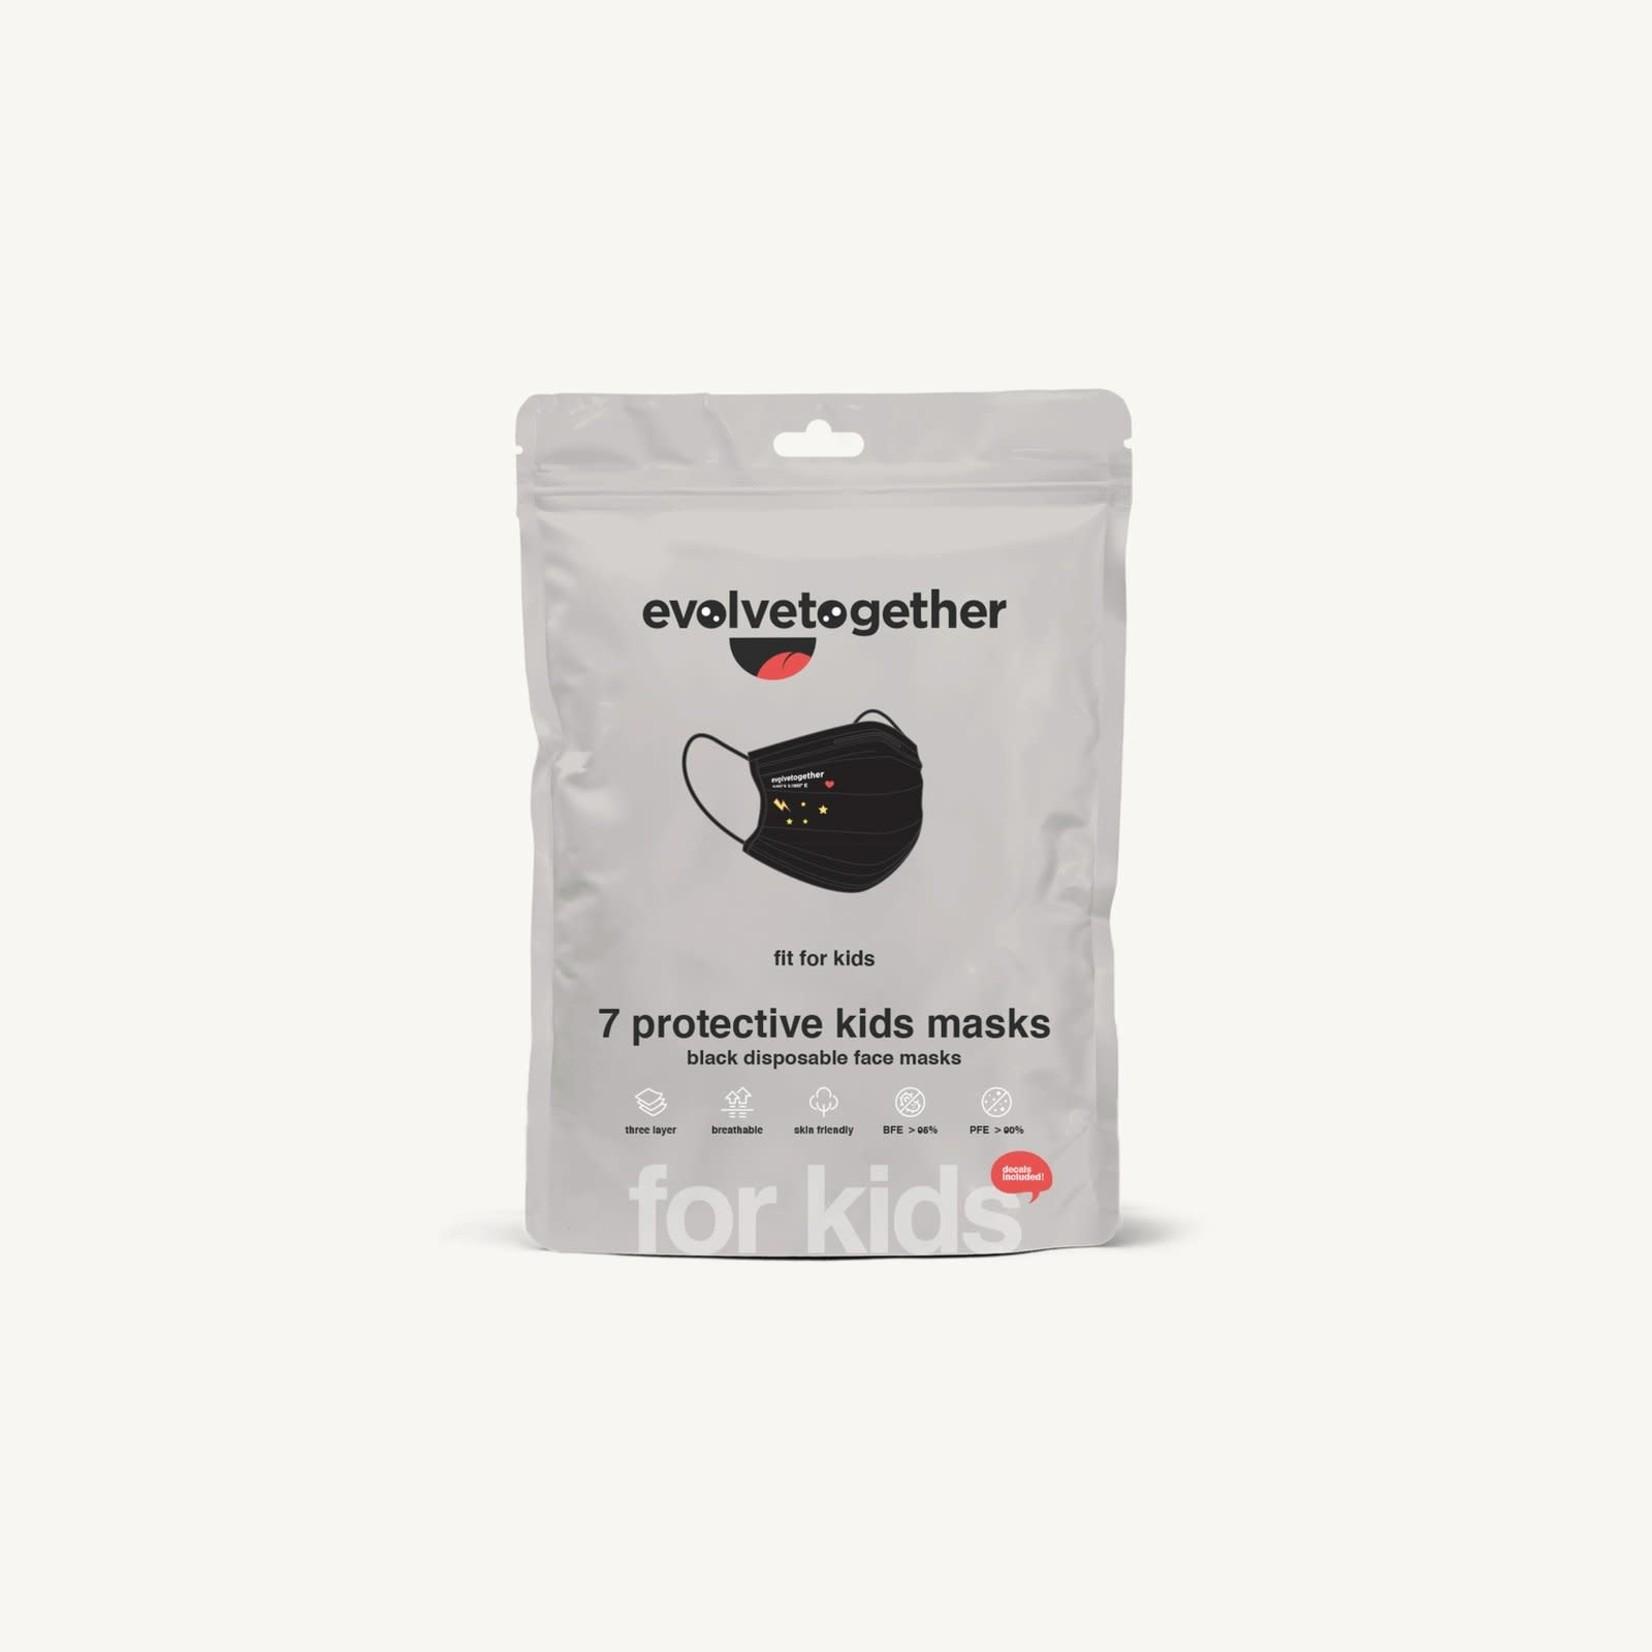 Evolvetogether Evolvetogether milan - 7 kids black face masks